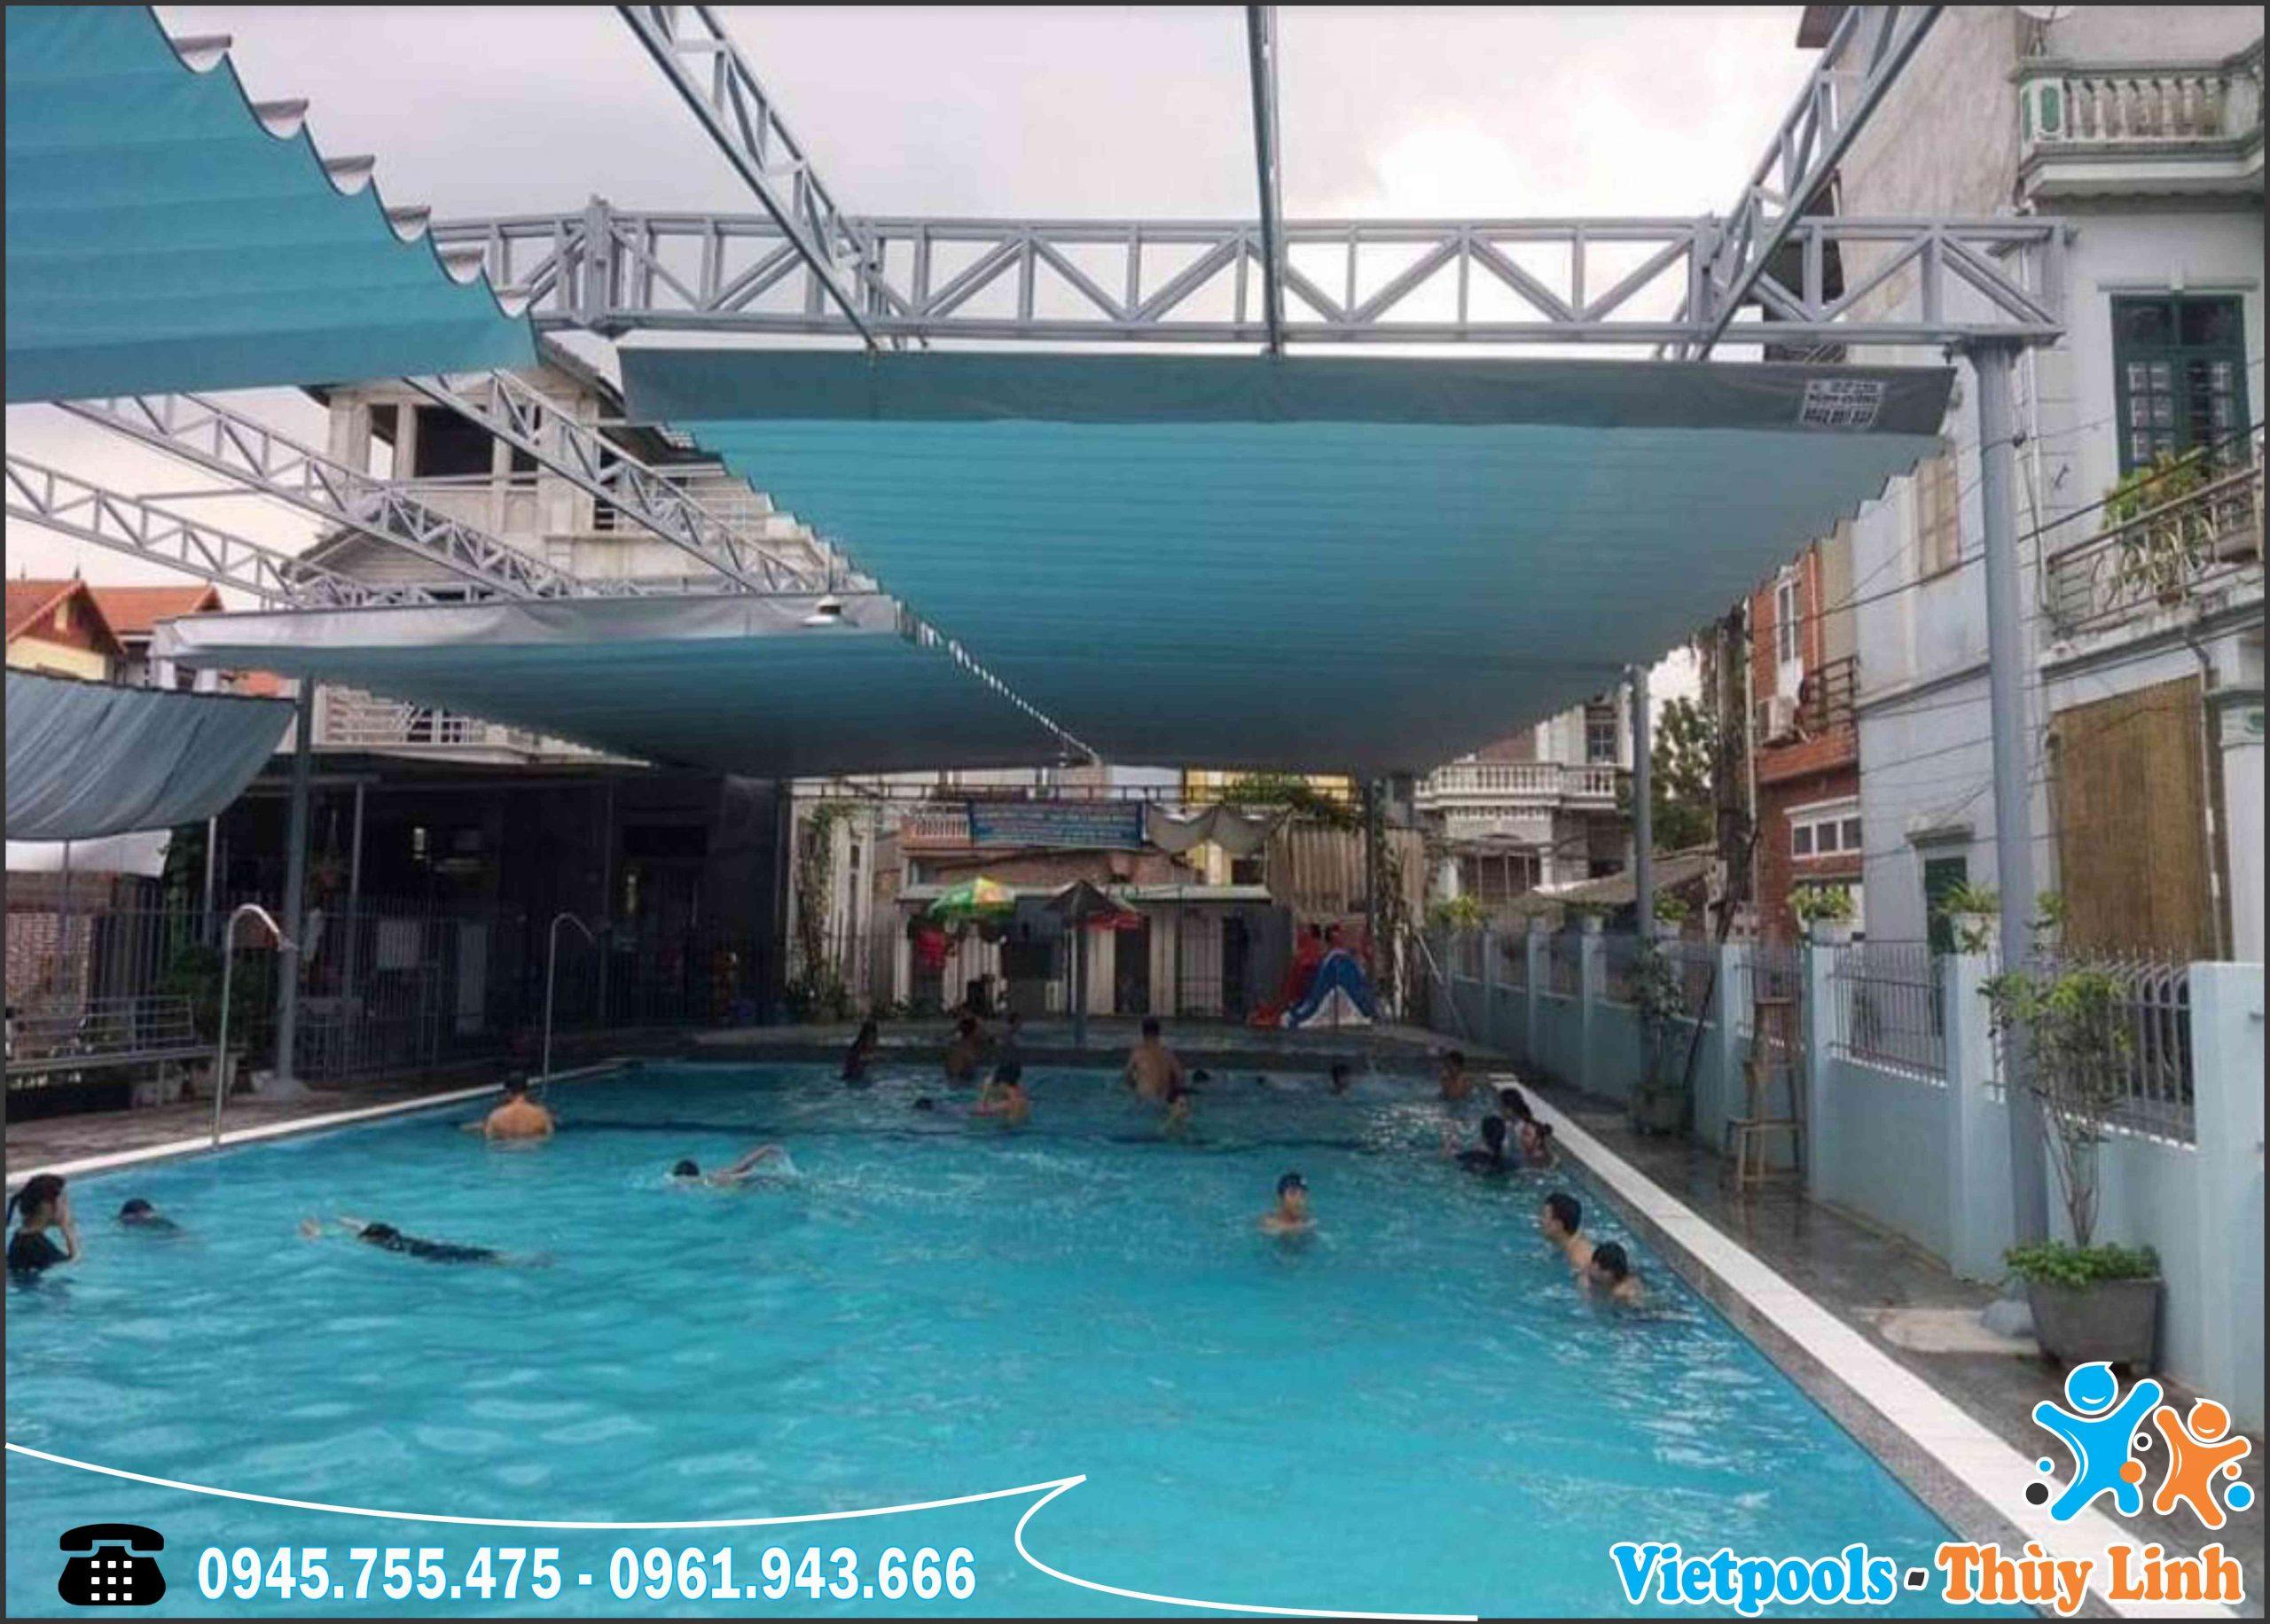 Hoàn thiện Bể Bơi Xây Gạch, Dán Bạt Nhựa PVC Chỉ Với 2 Ngày